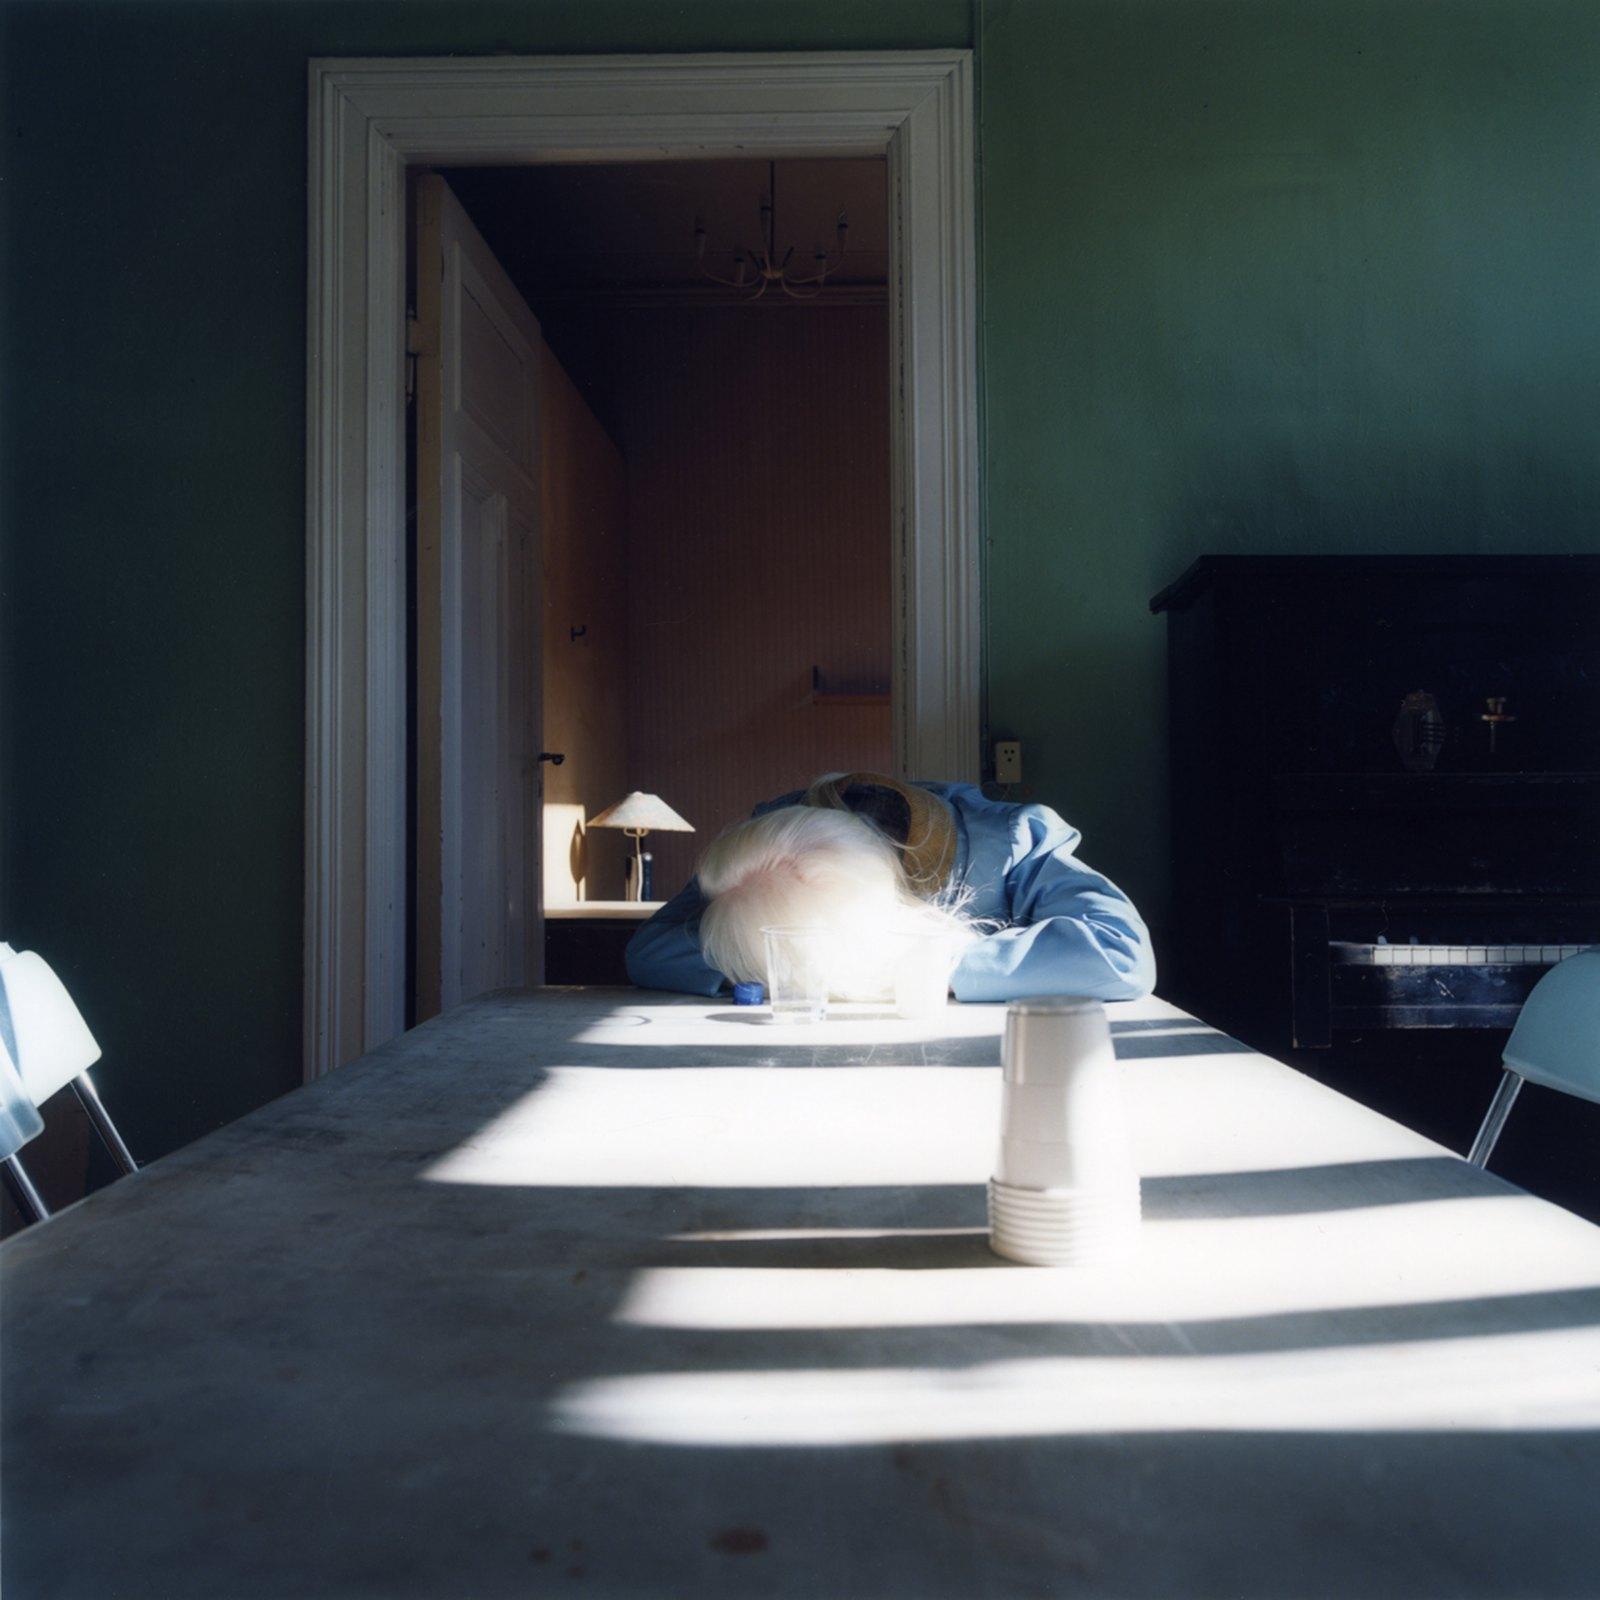 Still sleeping, 2009, c-print, 120 x 120 cm